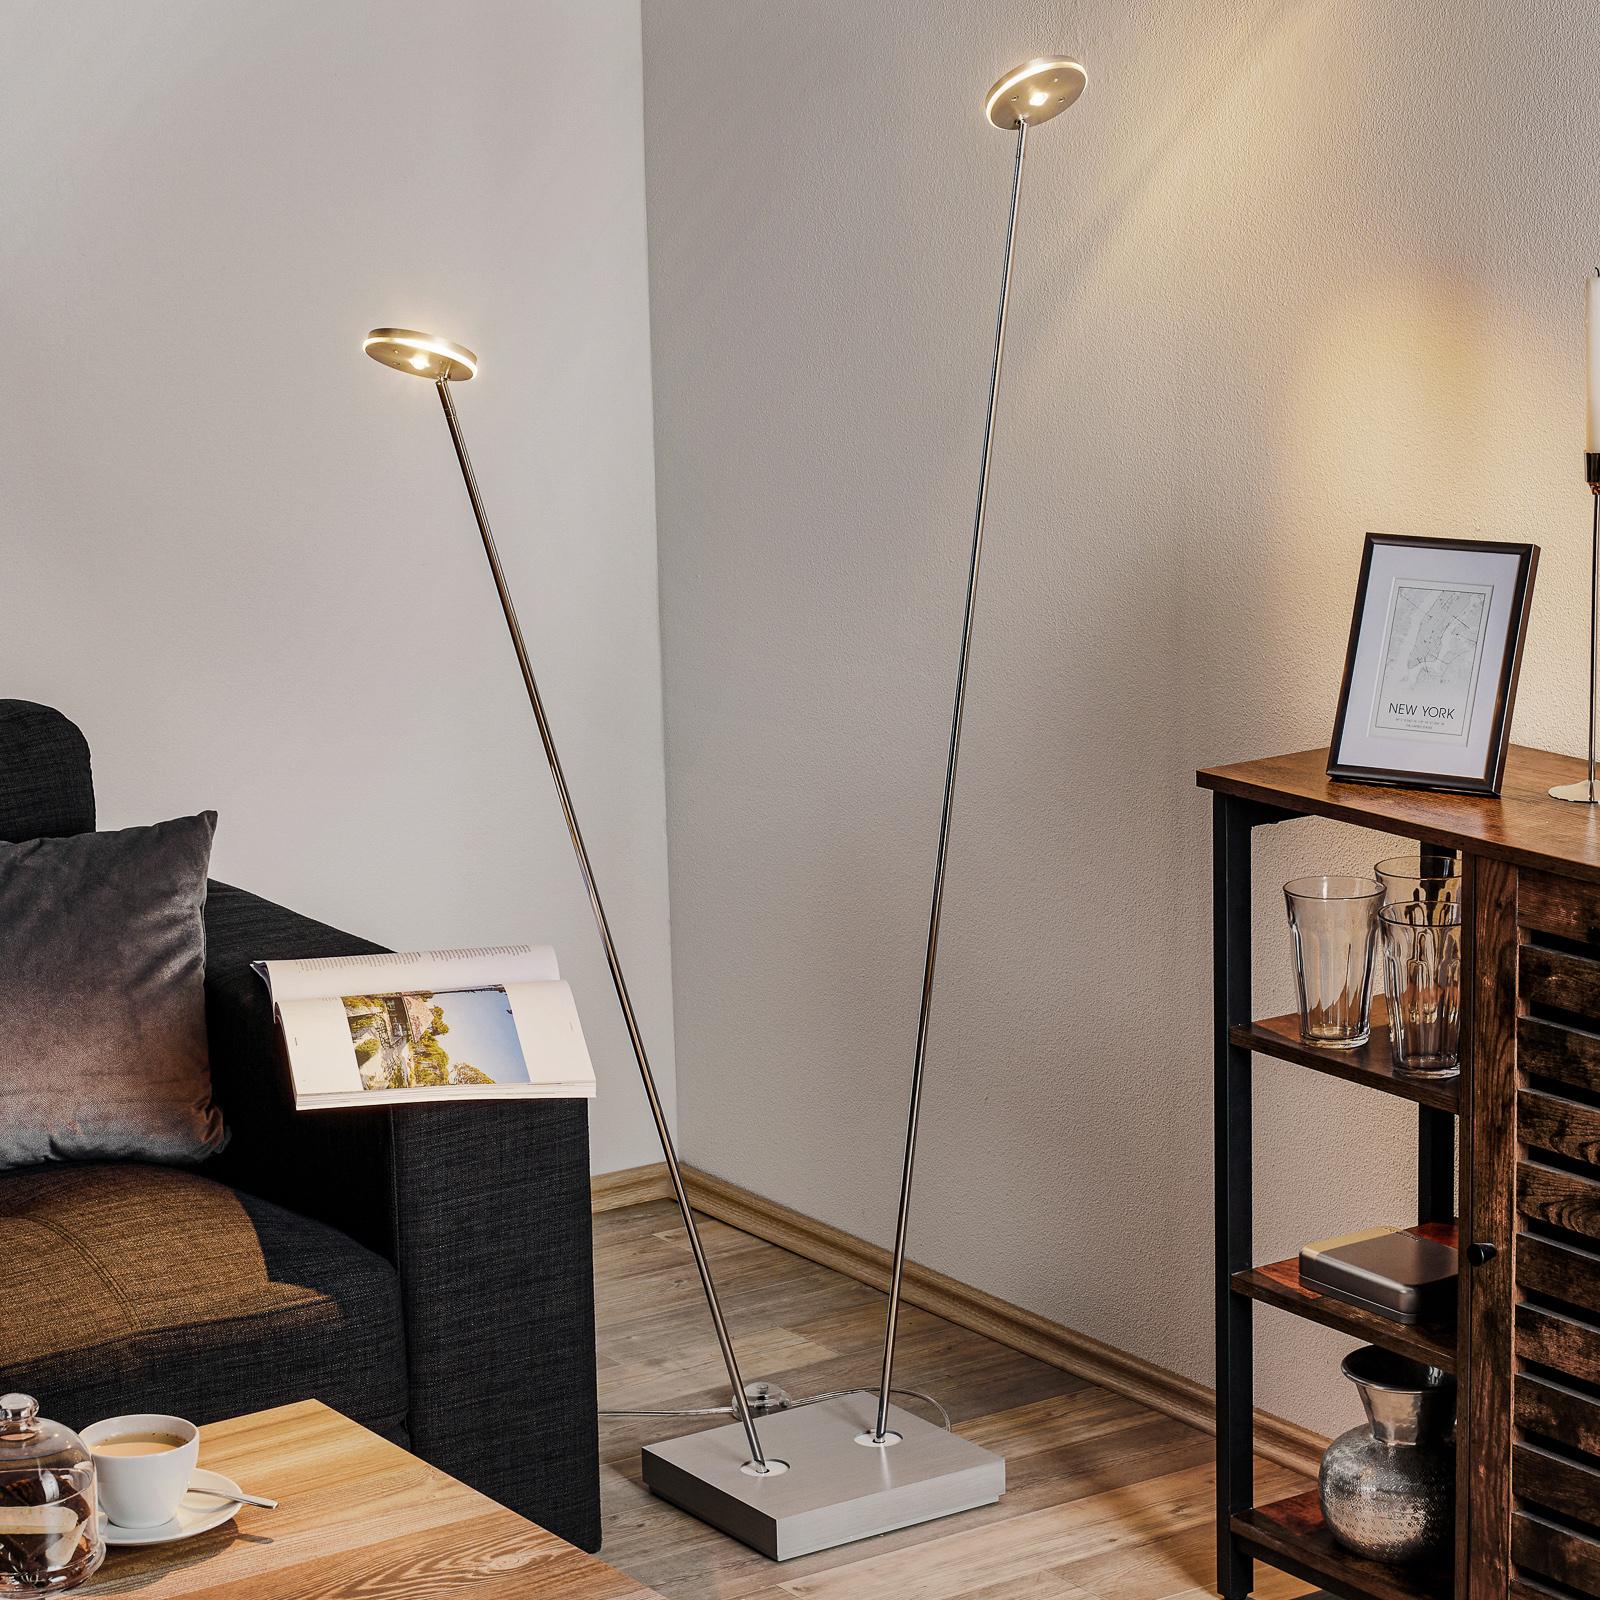 Lampa stojąca LED Spot It ze ściemniaczem 2